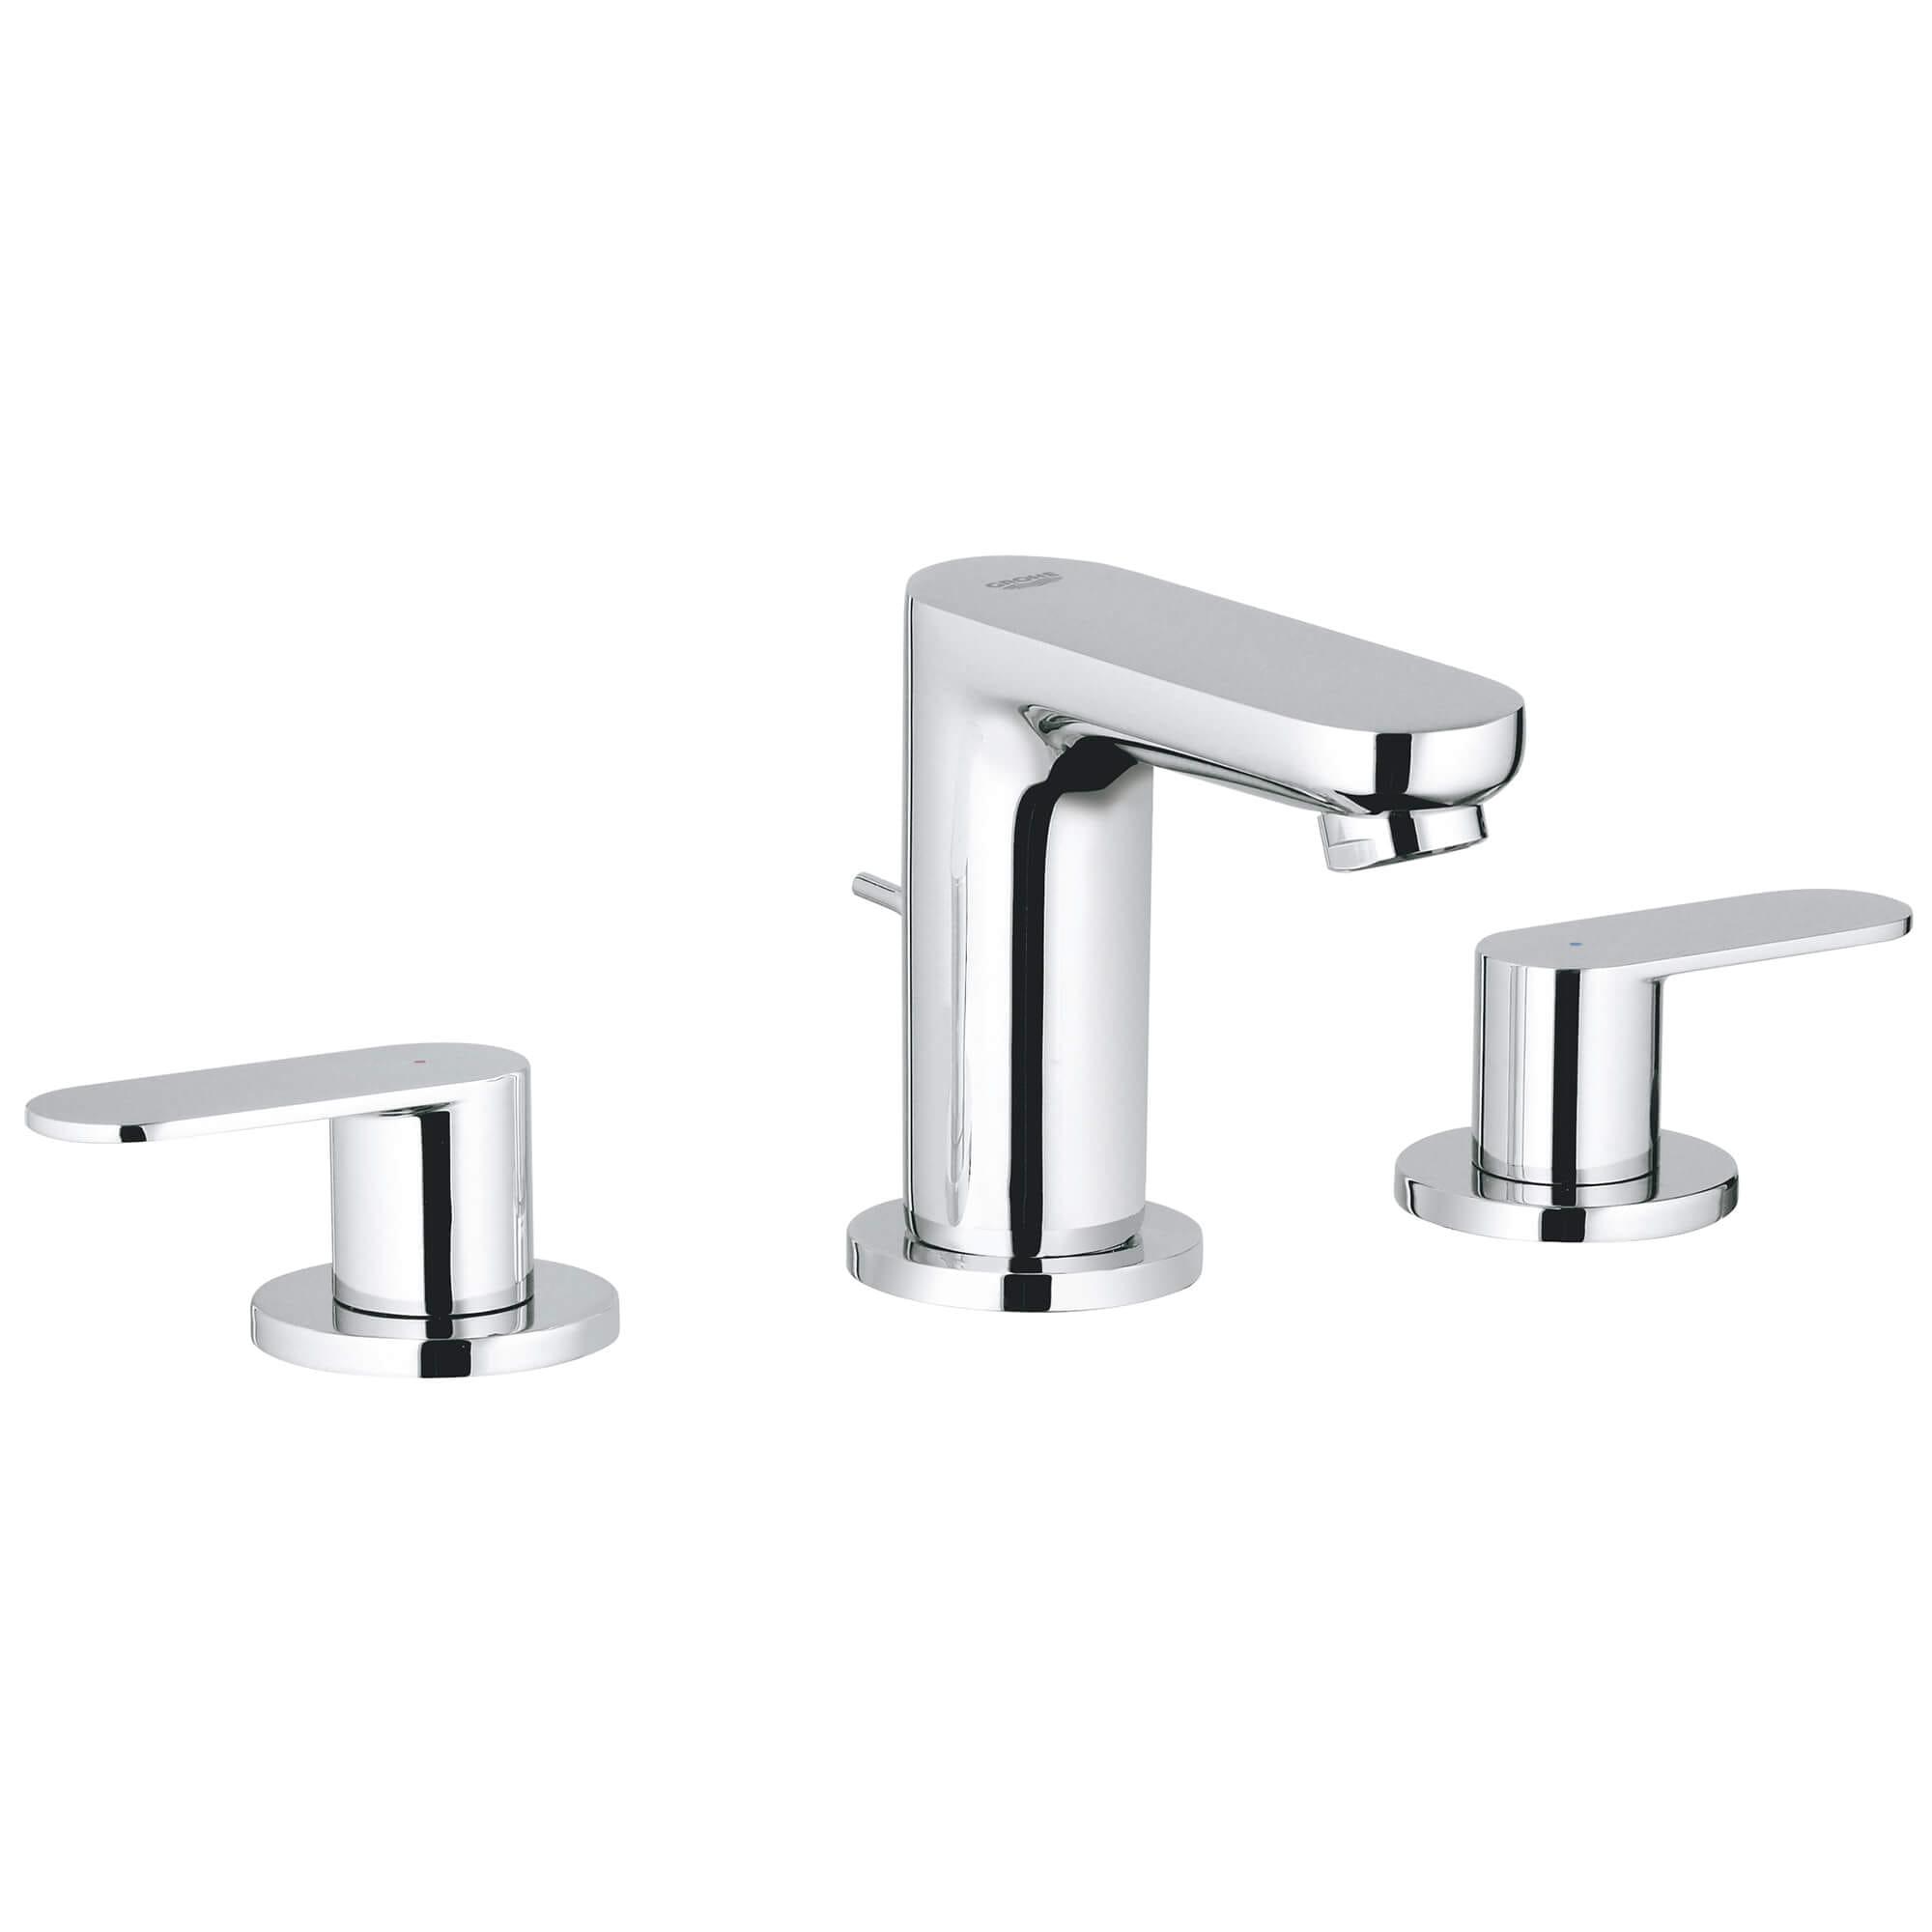 Cosmopolitan 8 In Widespread 2 Handle Bathroom Faucet 1 5 Gpm